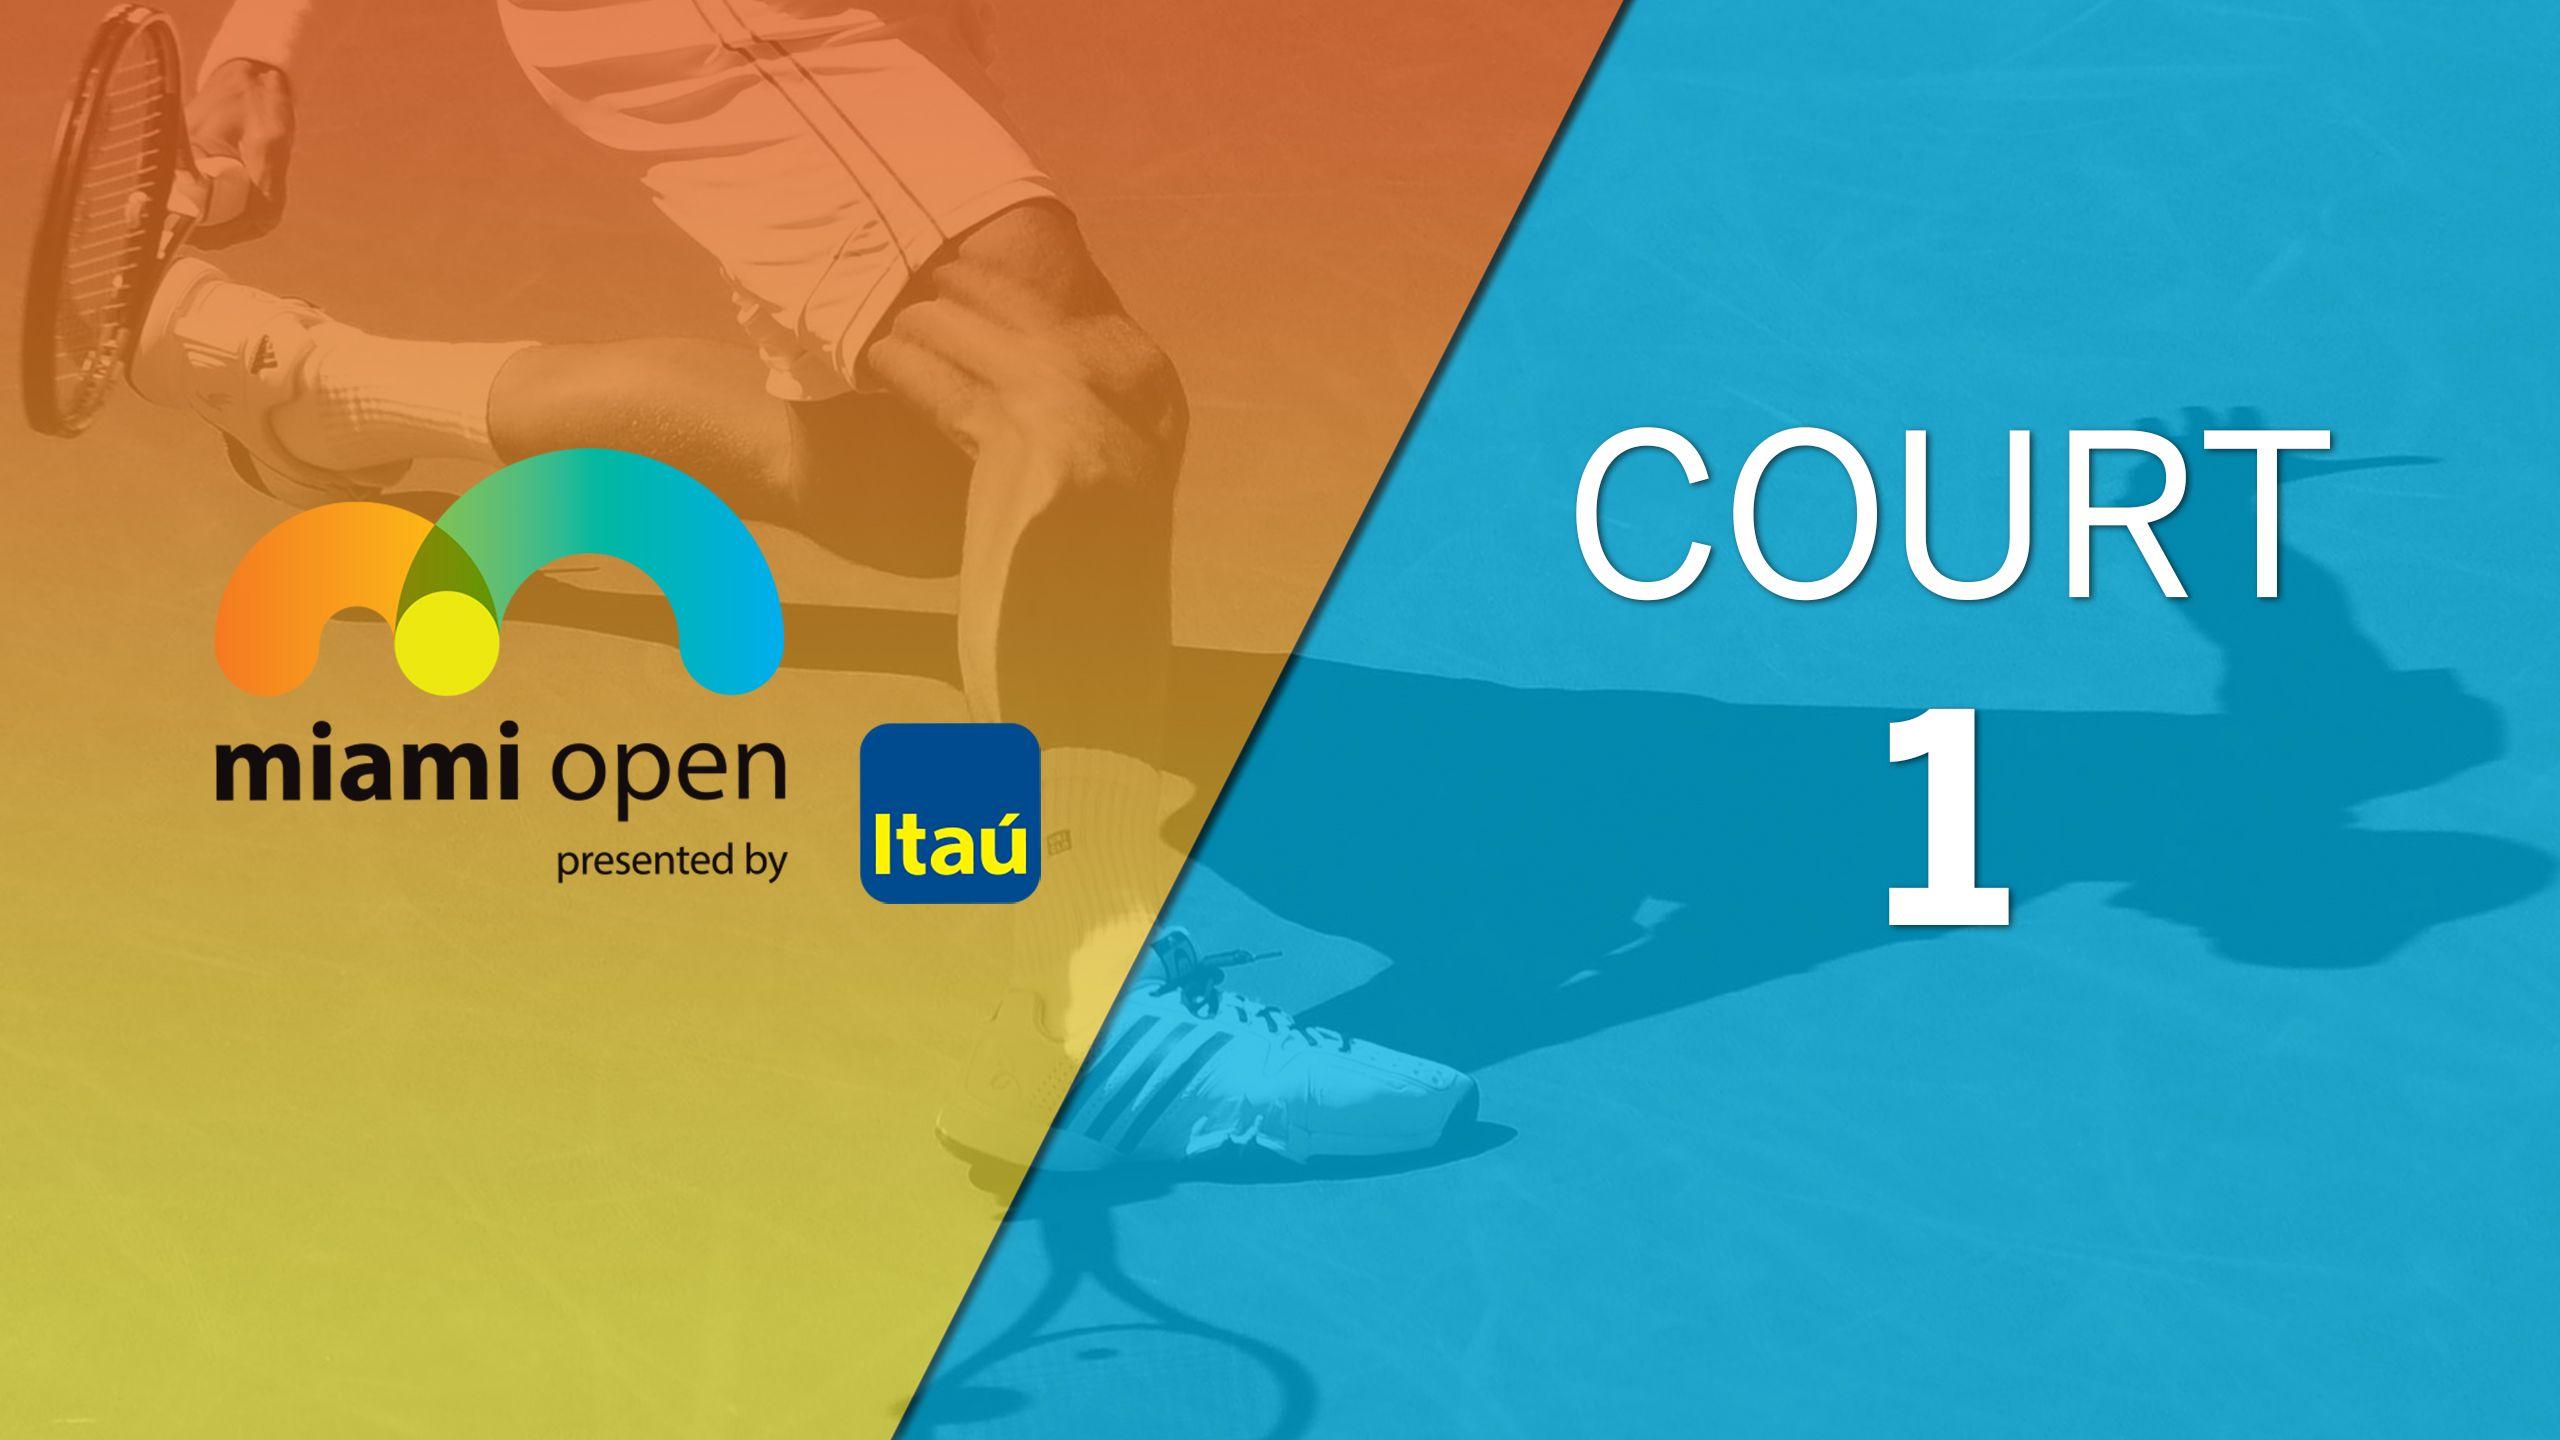 Miami Open - Court 1 (First Round)